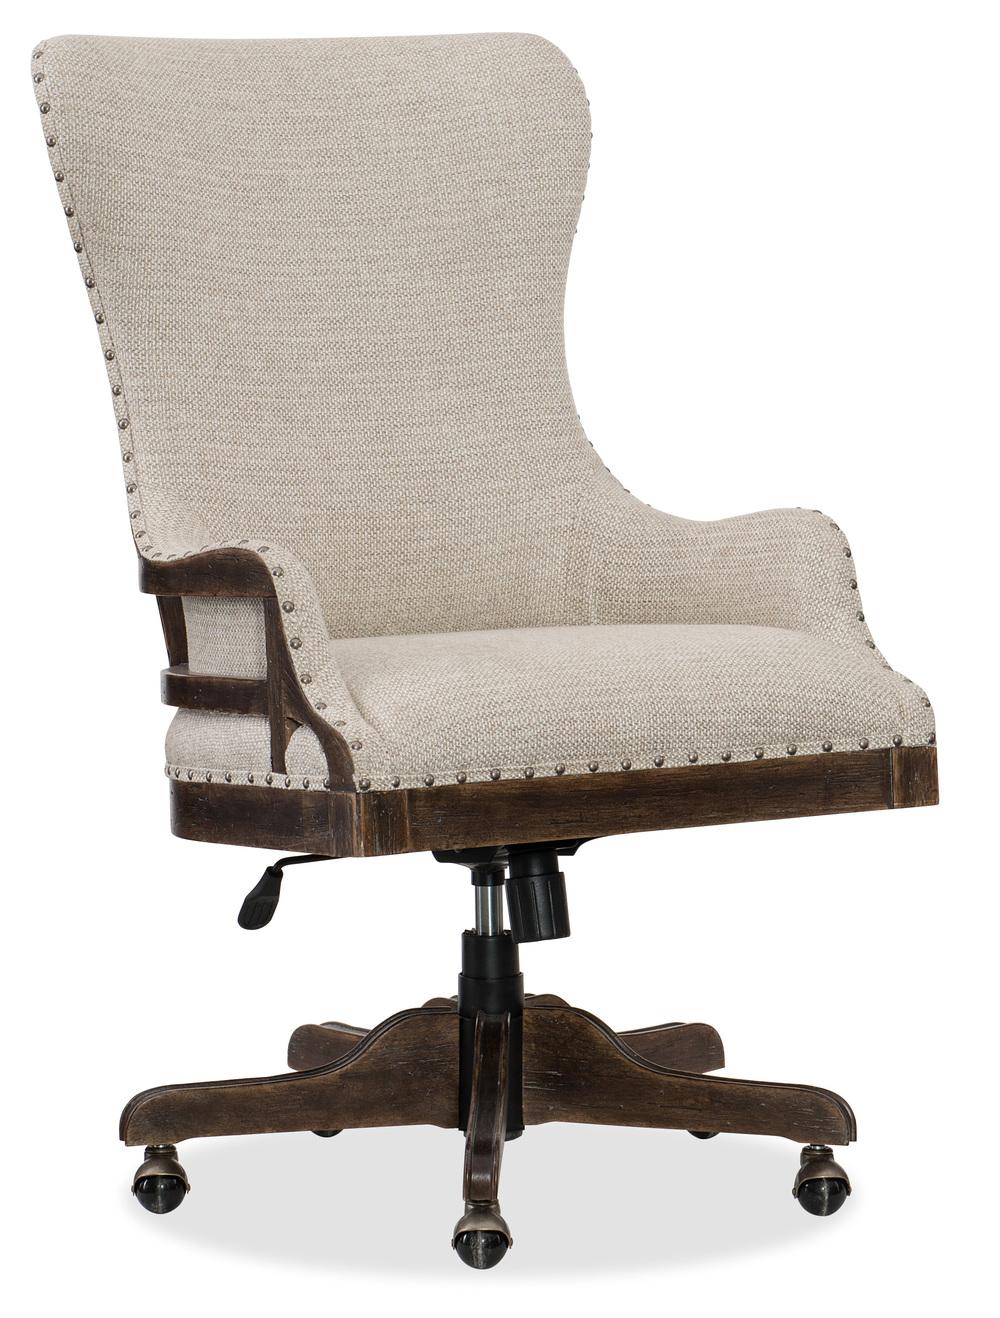 Hooker Furniture - Deconstructed Tilt Swivel Chair